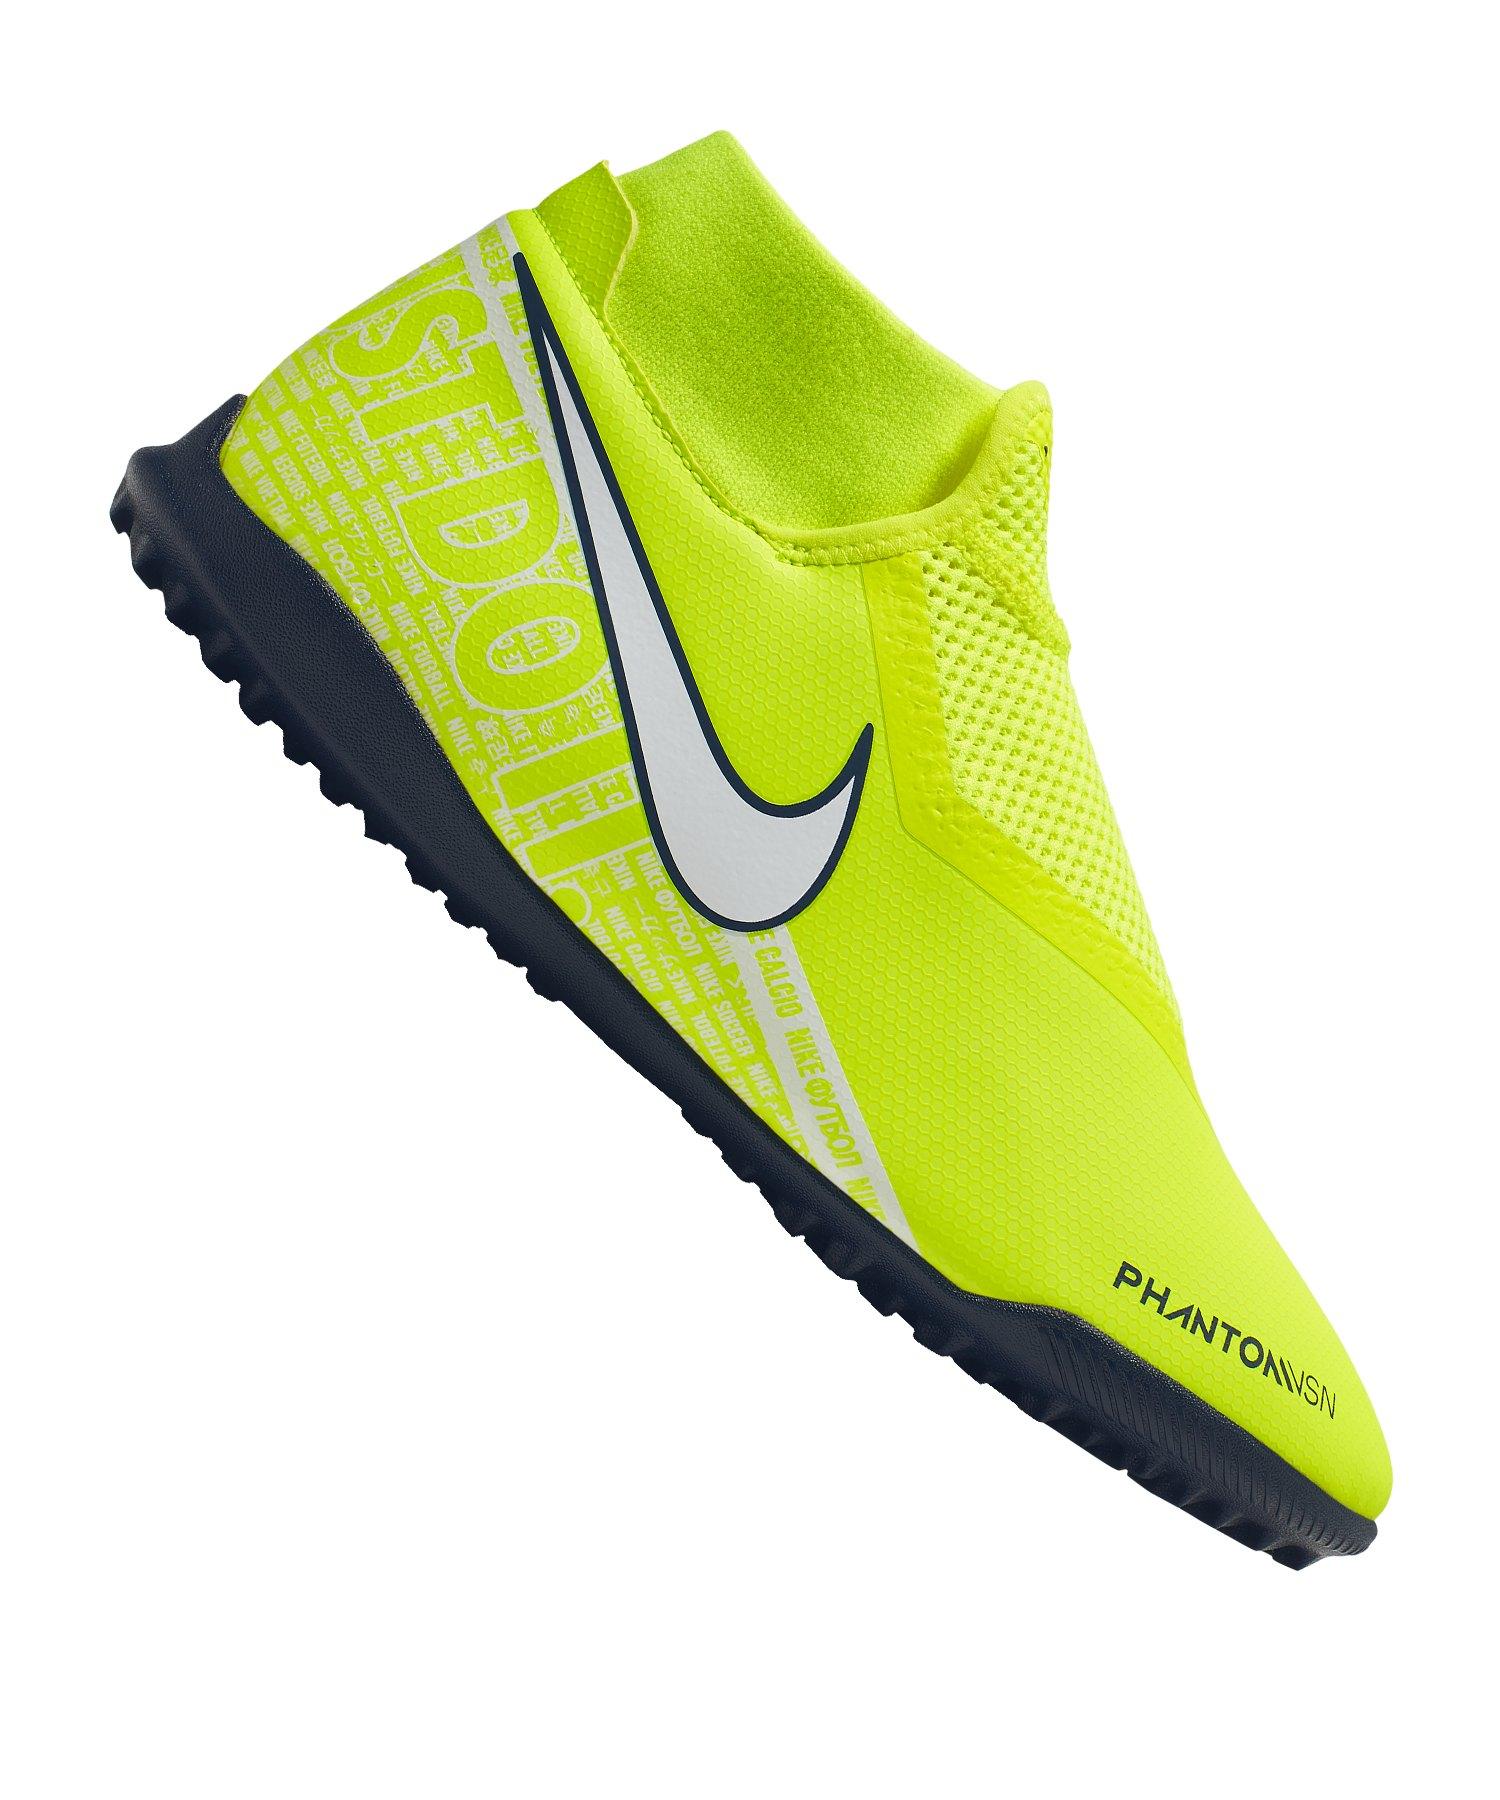 Nike Phantom Vision Academy DF TF Gelb F717 - gelb